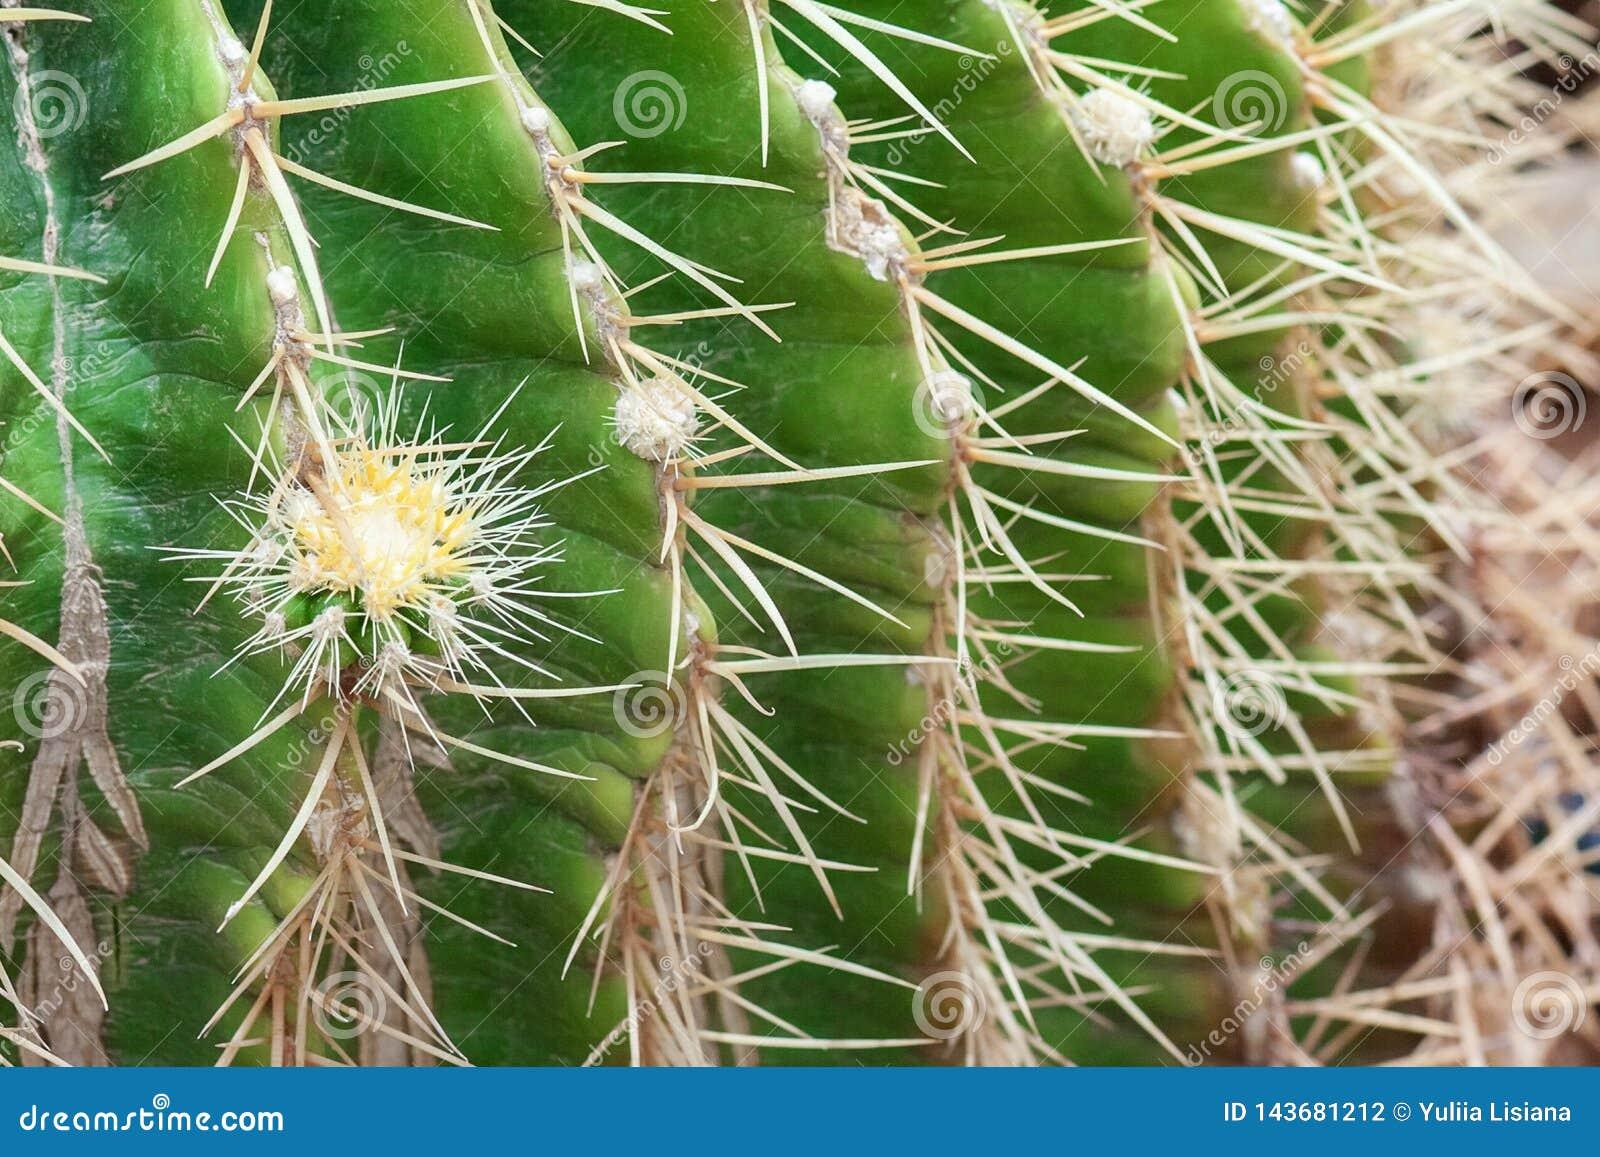 Позвоночники конца кактуса вверх